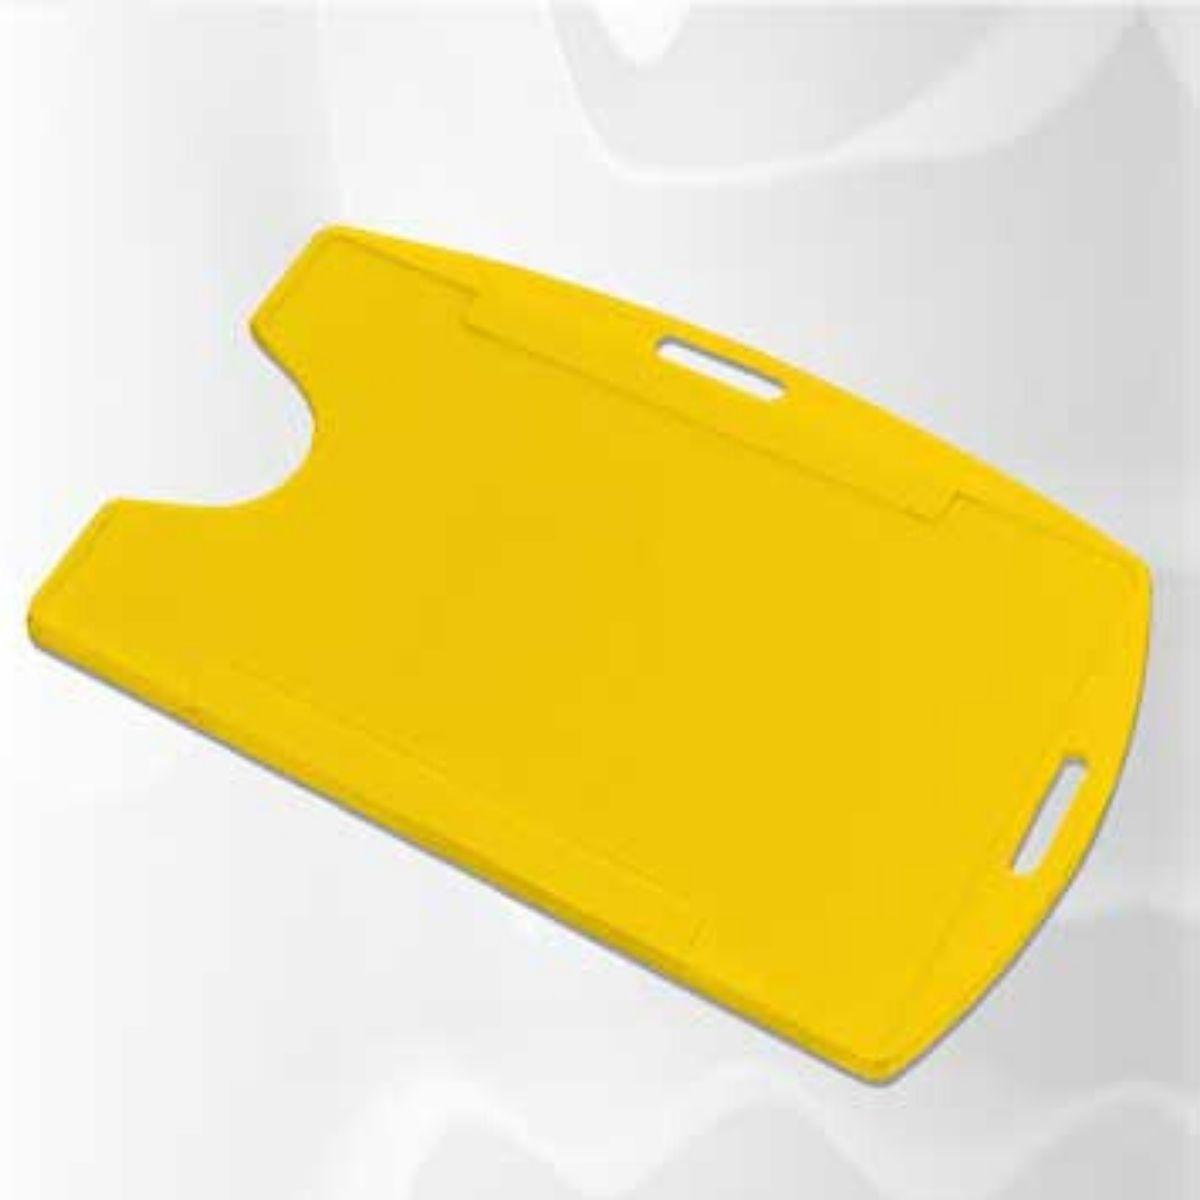 Porta Crachá Rígido M3 Conjugado Amarelo - Caixa com 100 unidades  - Click Suprimentos